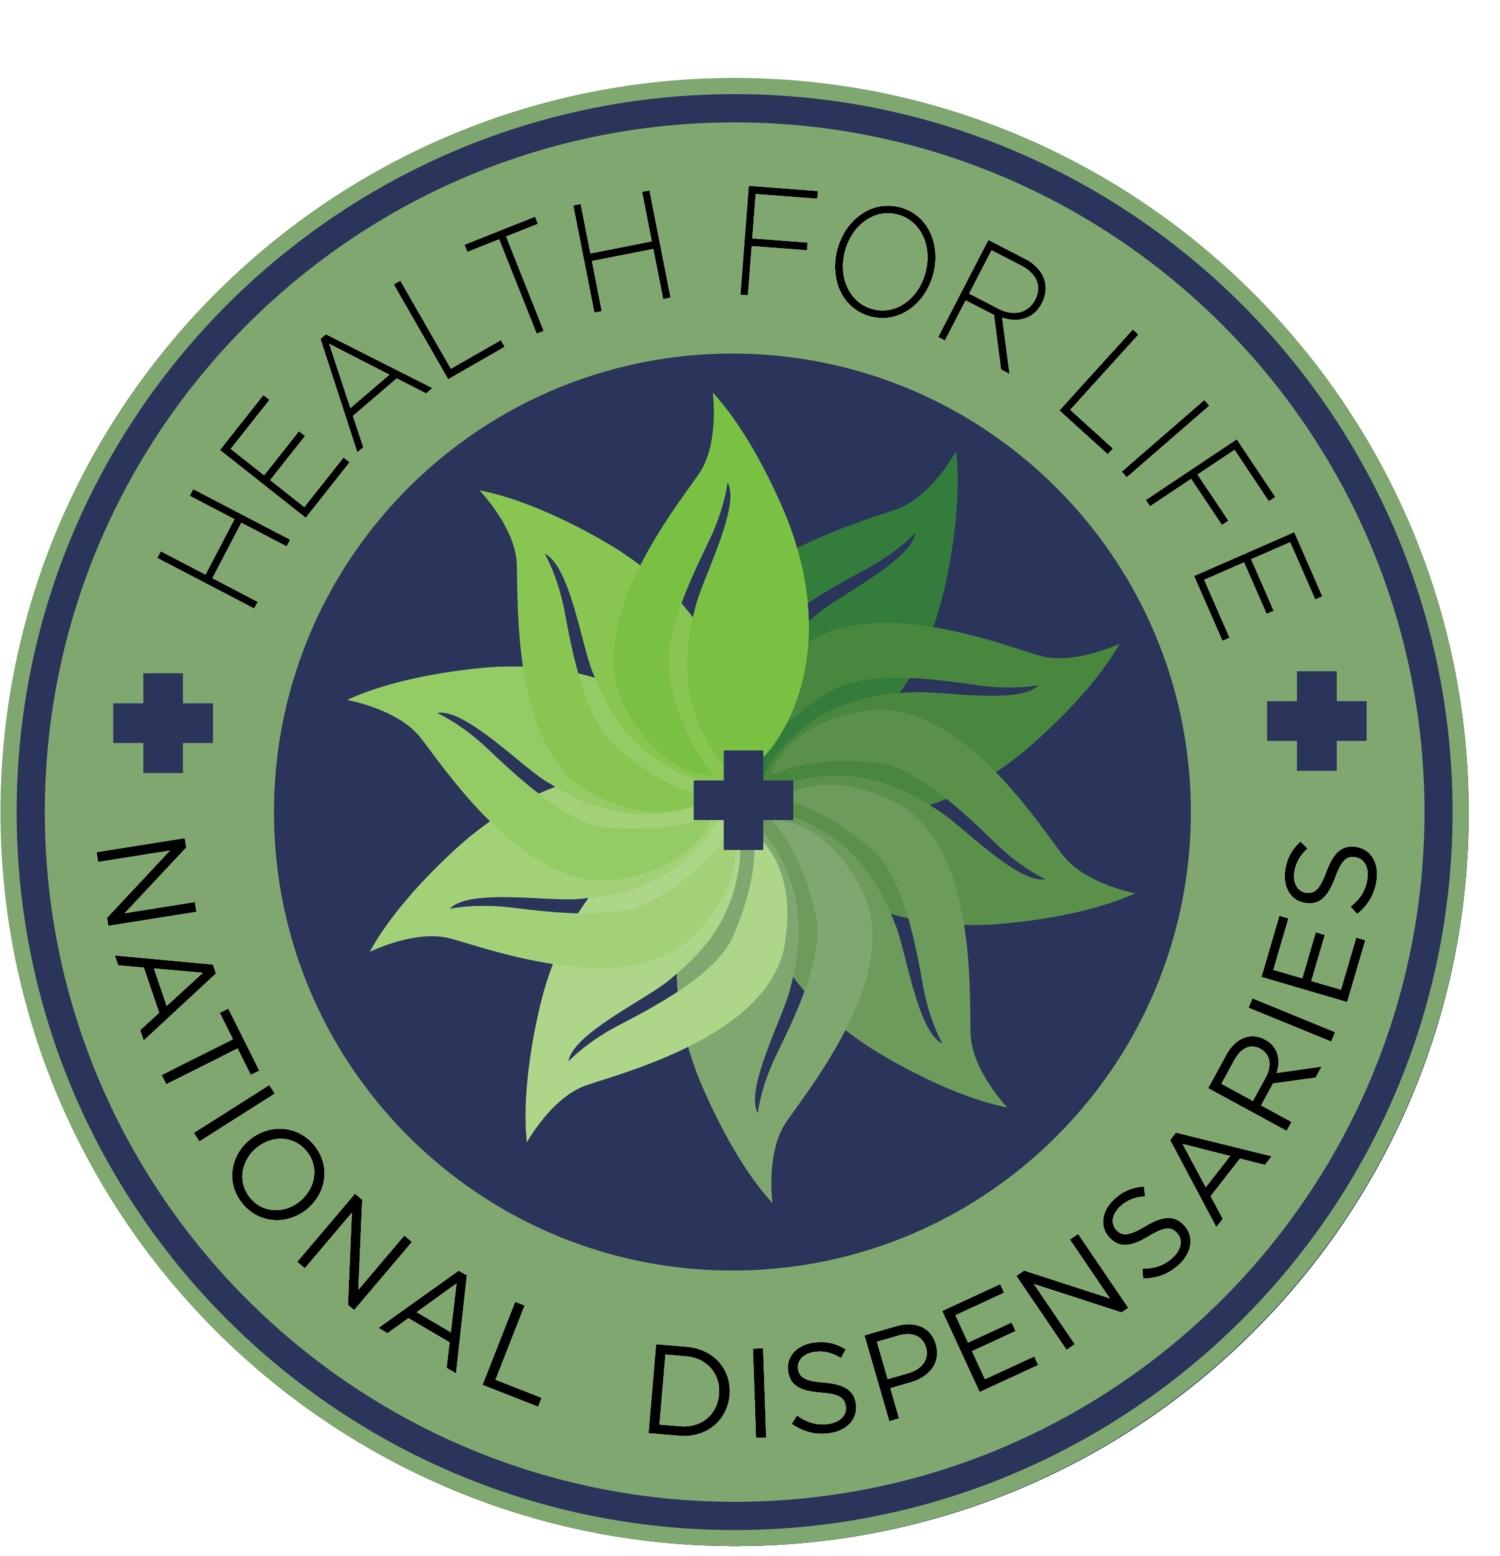 medical cannabis, медицинская марихуана, выращивание конопли, легализация,